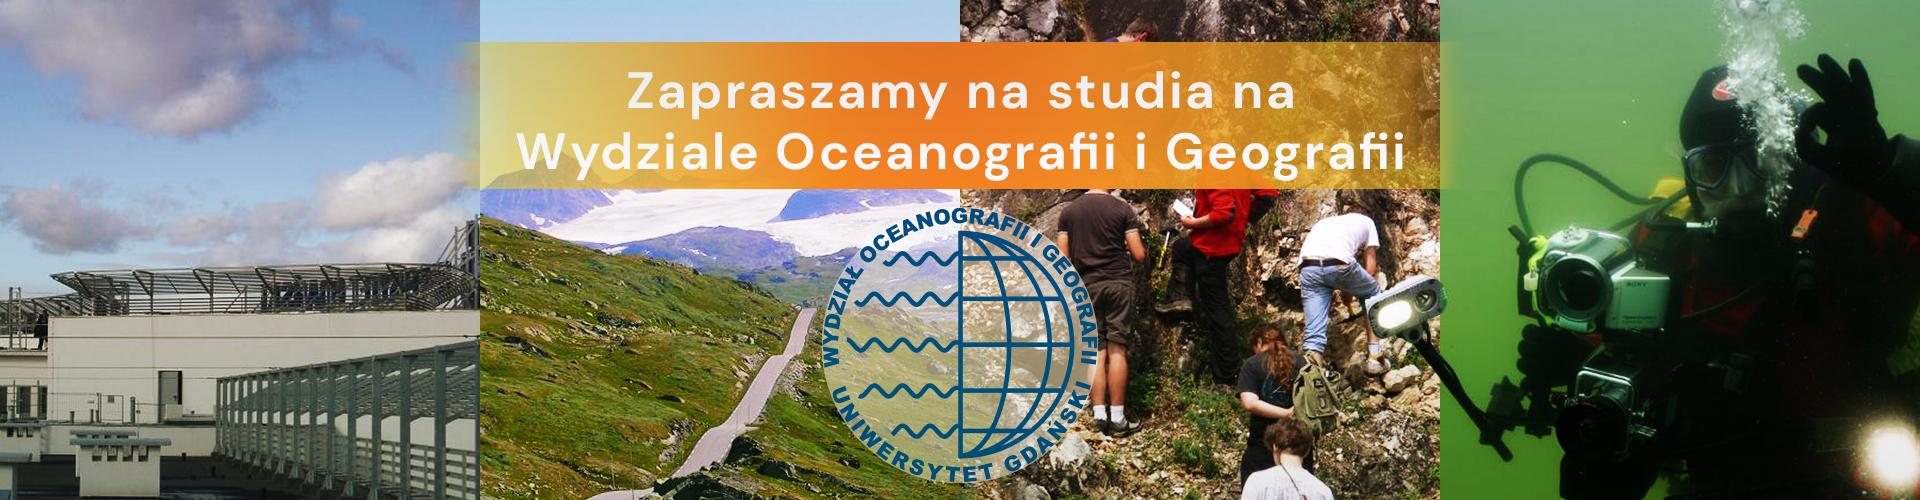 Zapraszamy na studia na Wydziale Oceanografii i Geografii